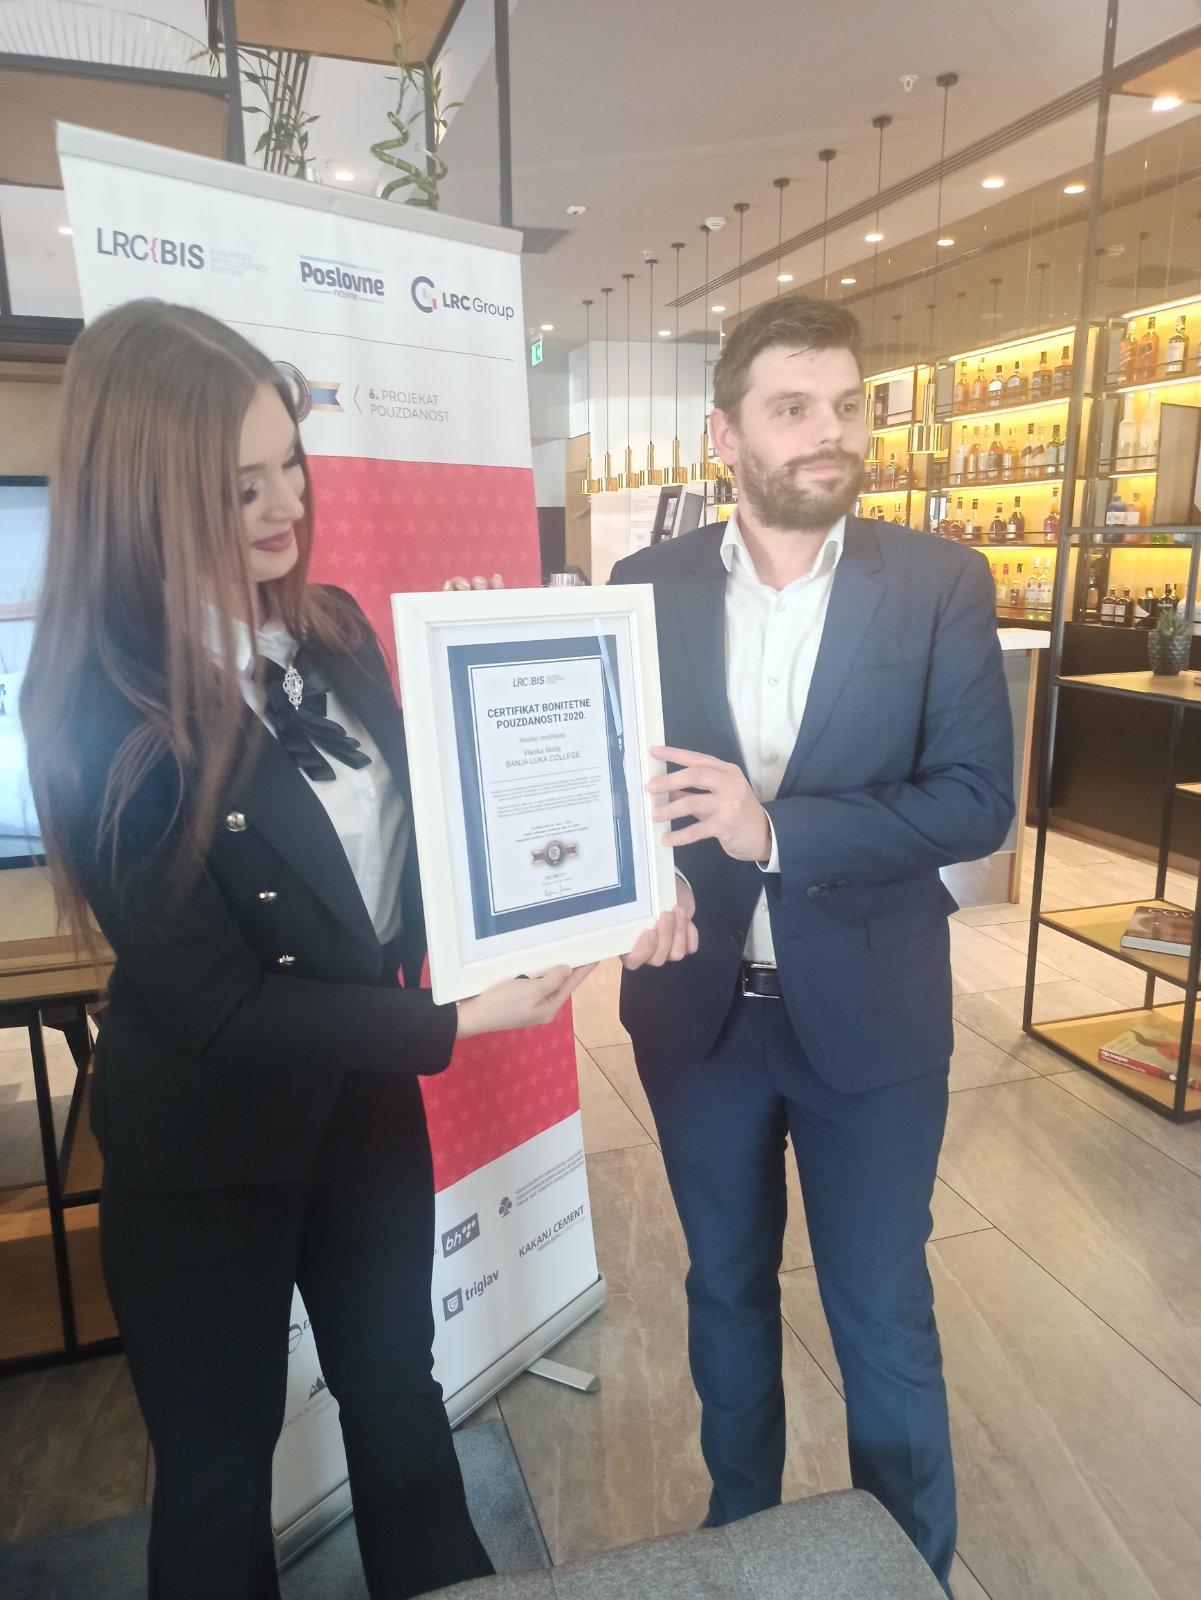 LCR-ov certifikat potvrda kvaliteta i pouzdanosti Visoke skole Banja Luka College